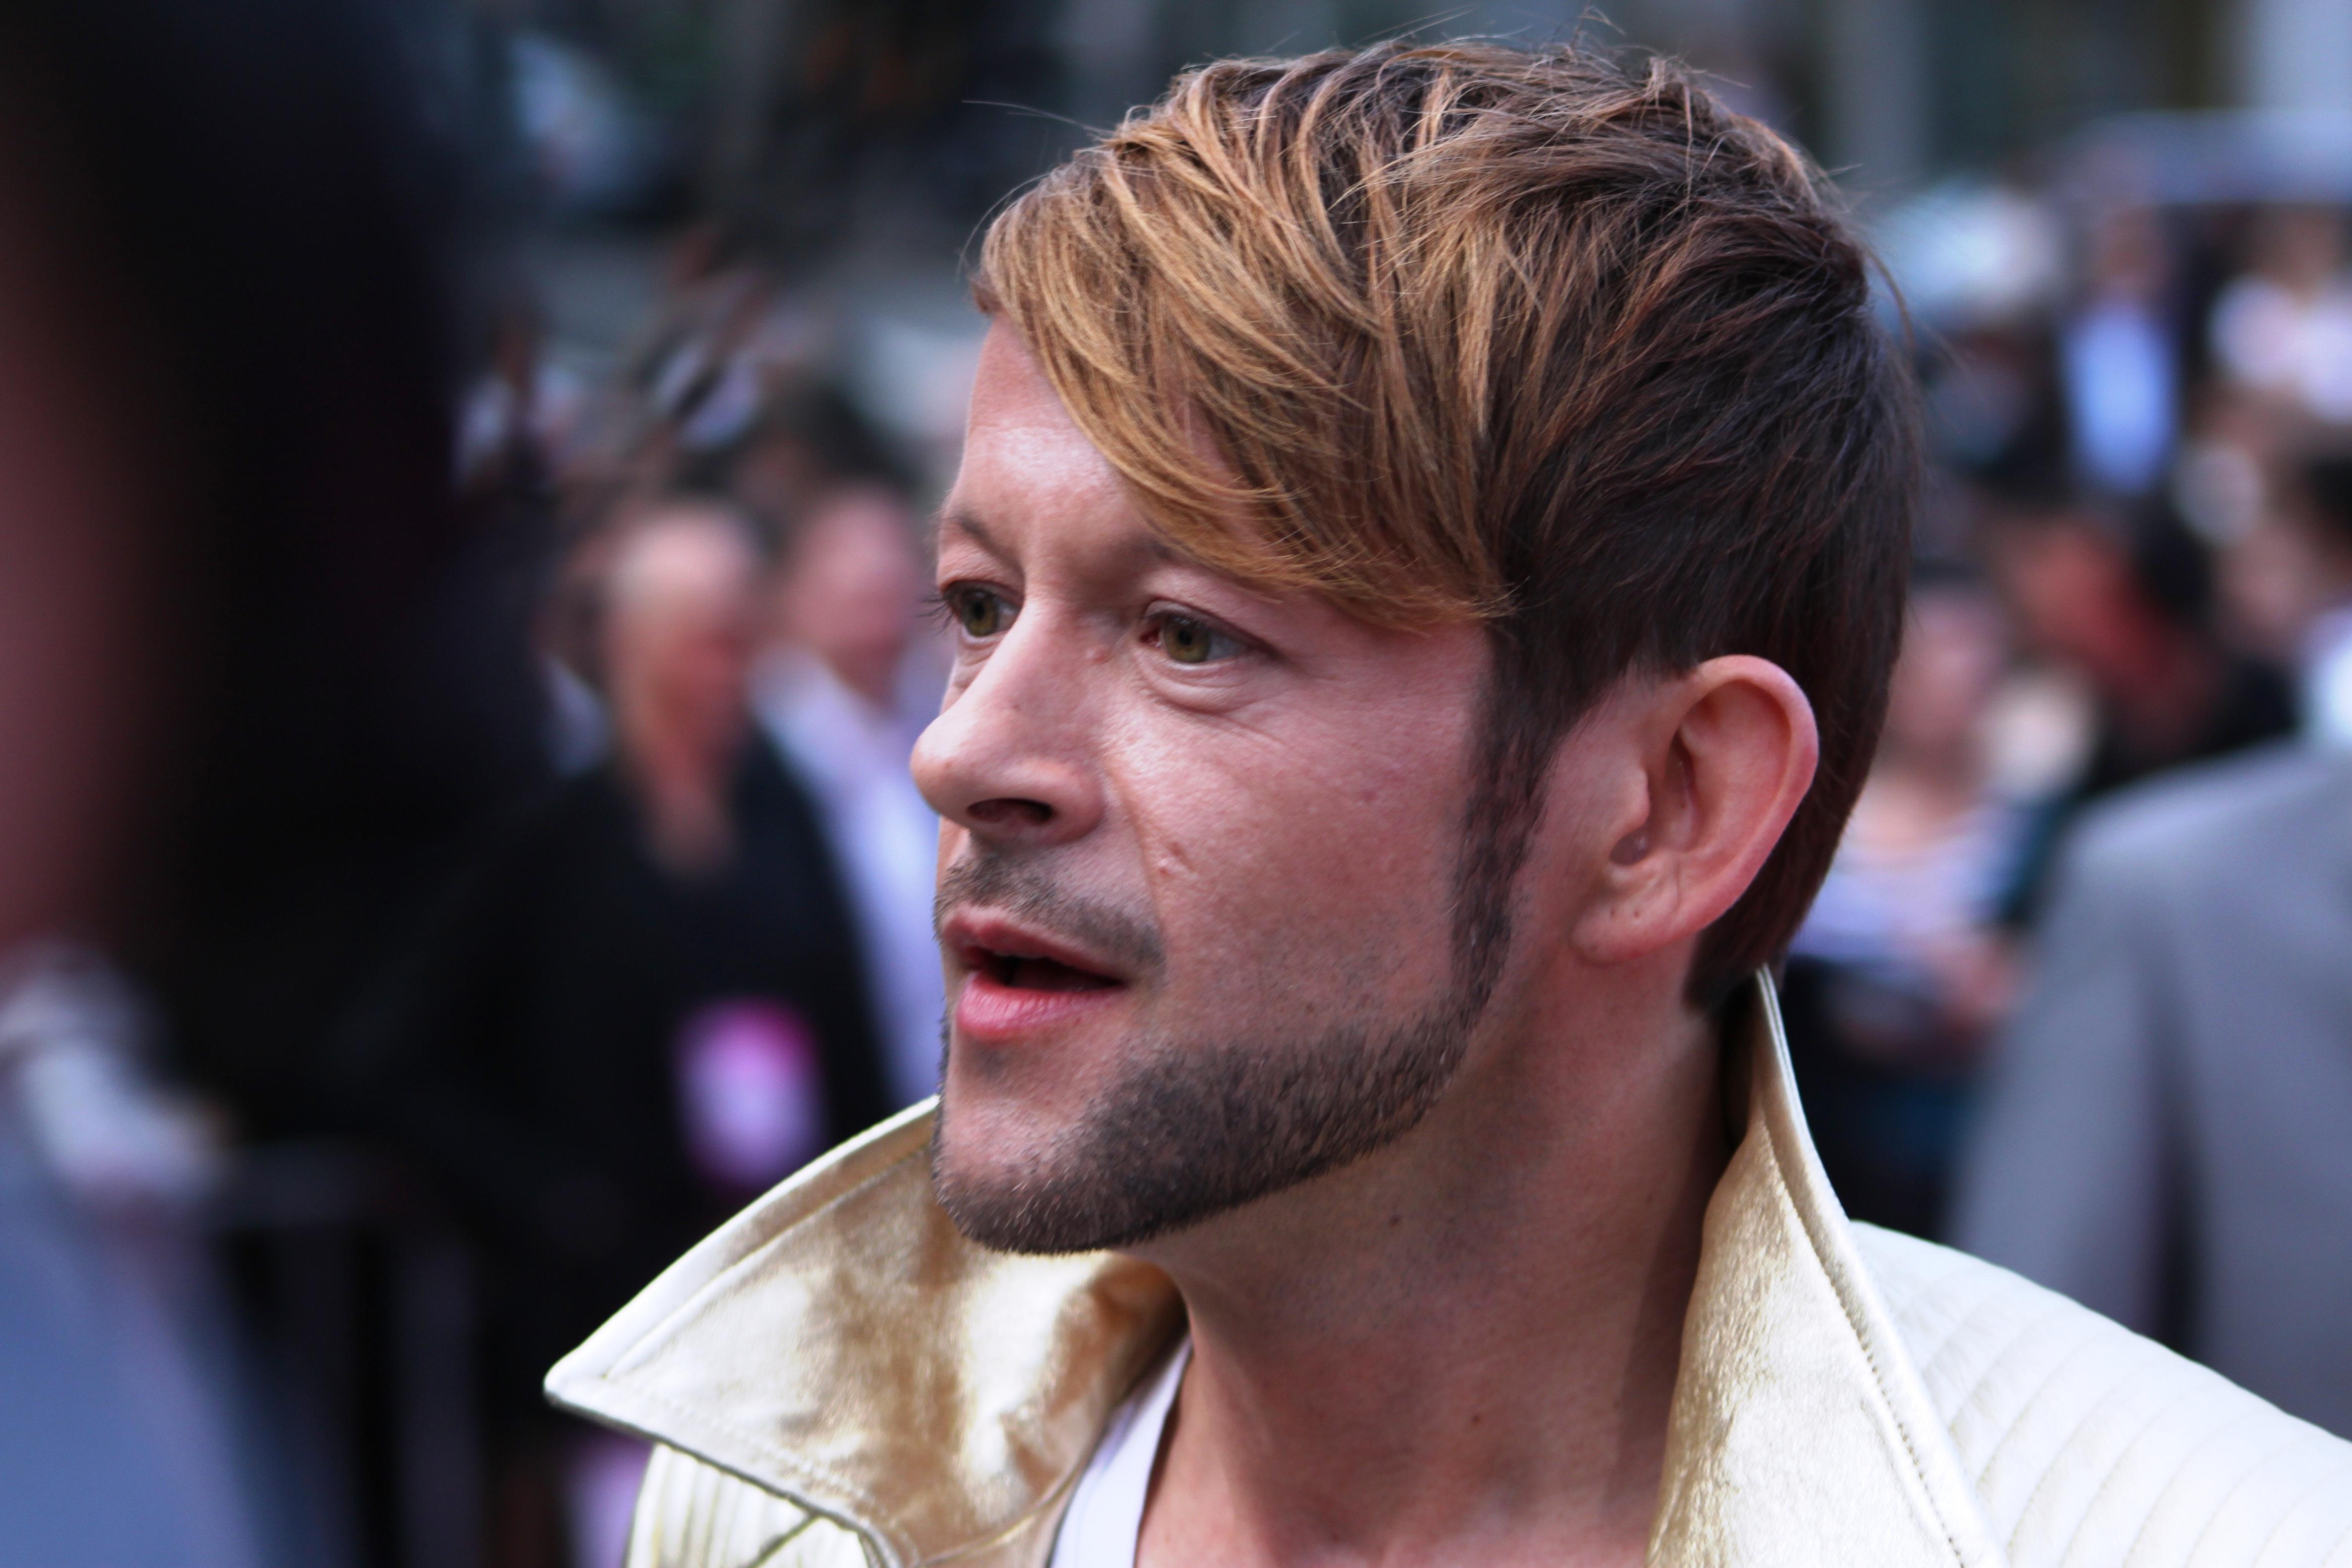 Список наших знаменитостей гомосексуалистов певцы и актёры 22 фотография